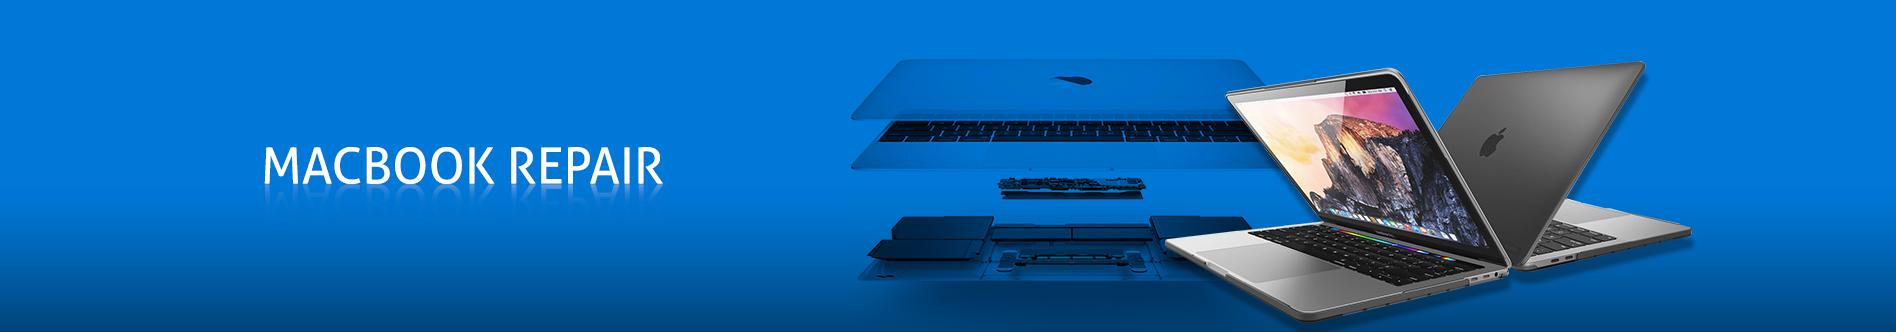 MacBook Repair in Dubai